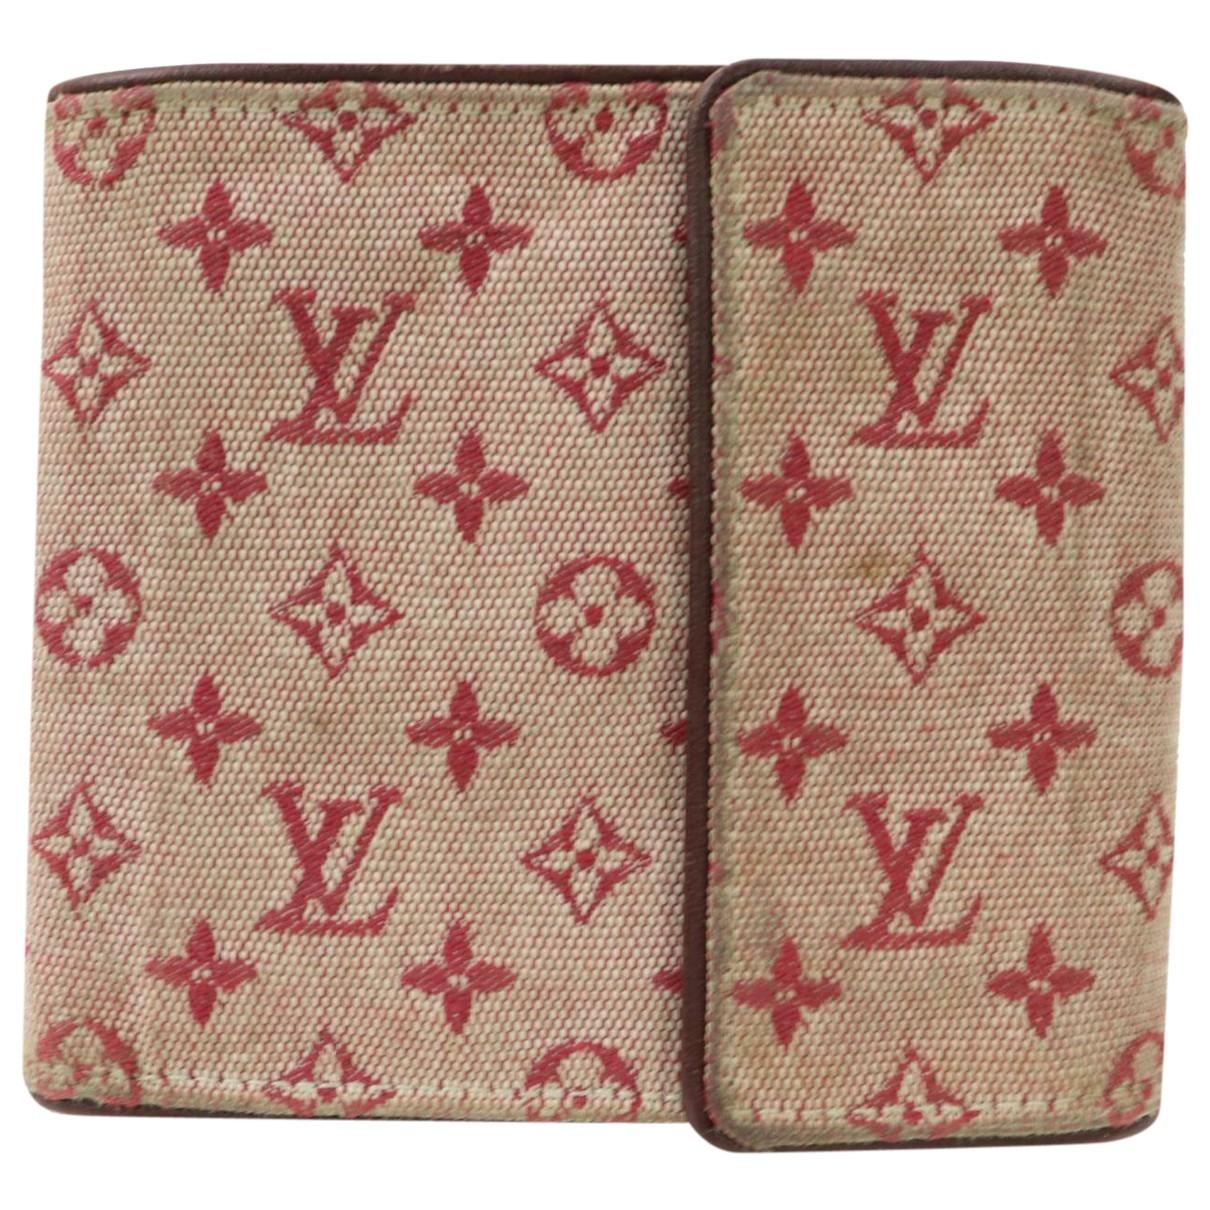 Louis Vuitton - Portefeuille   pour femme en toile - rouge